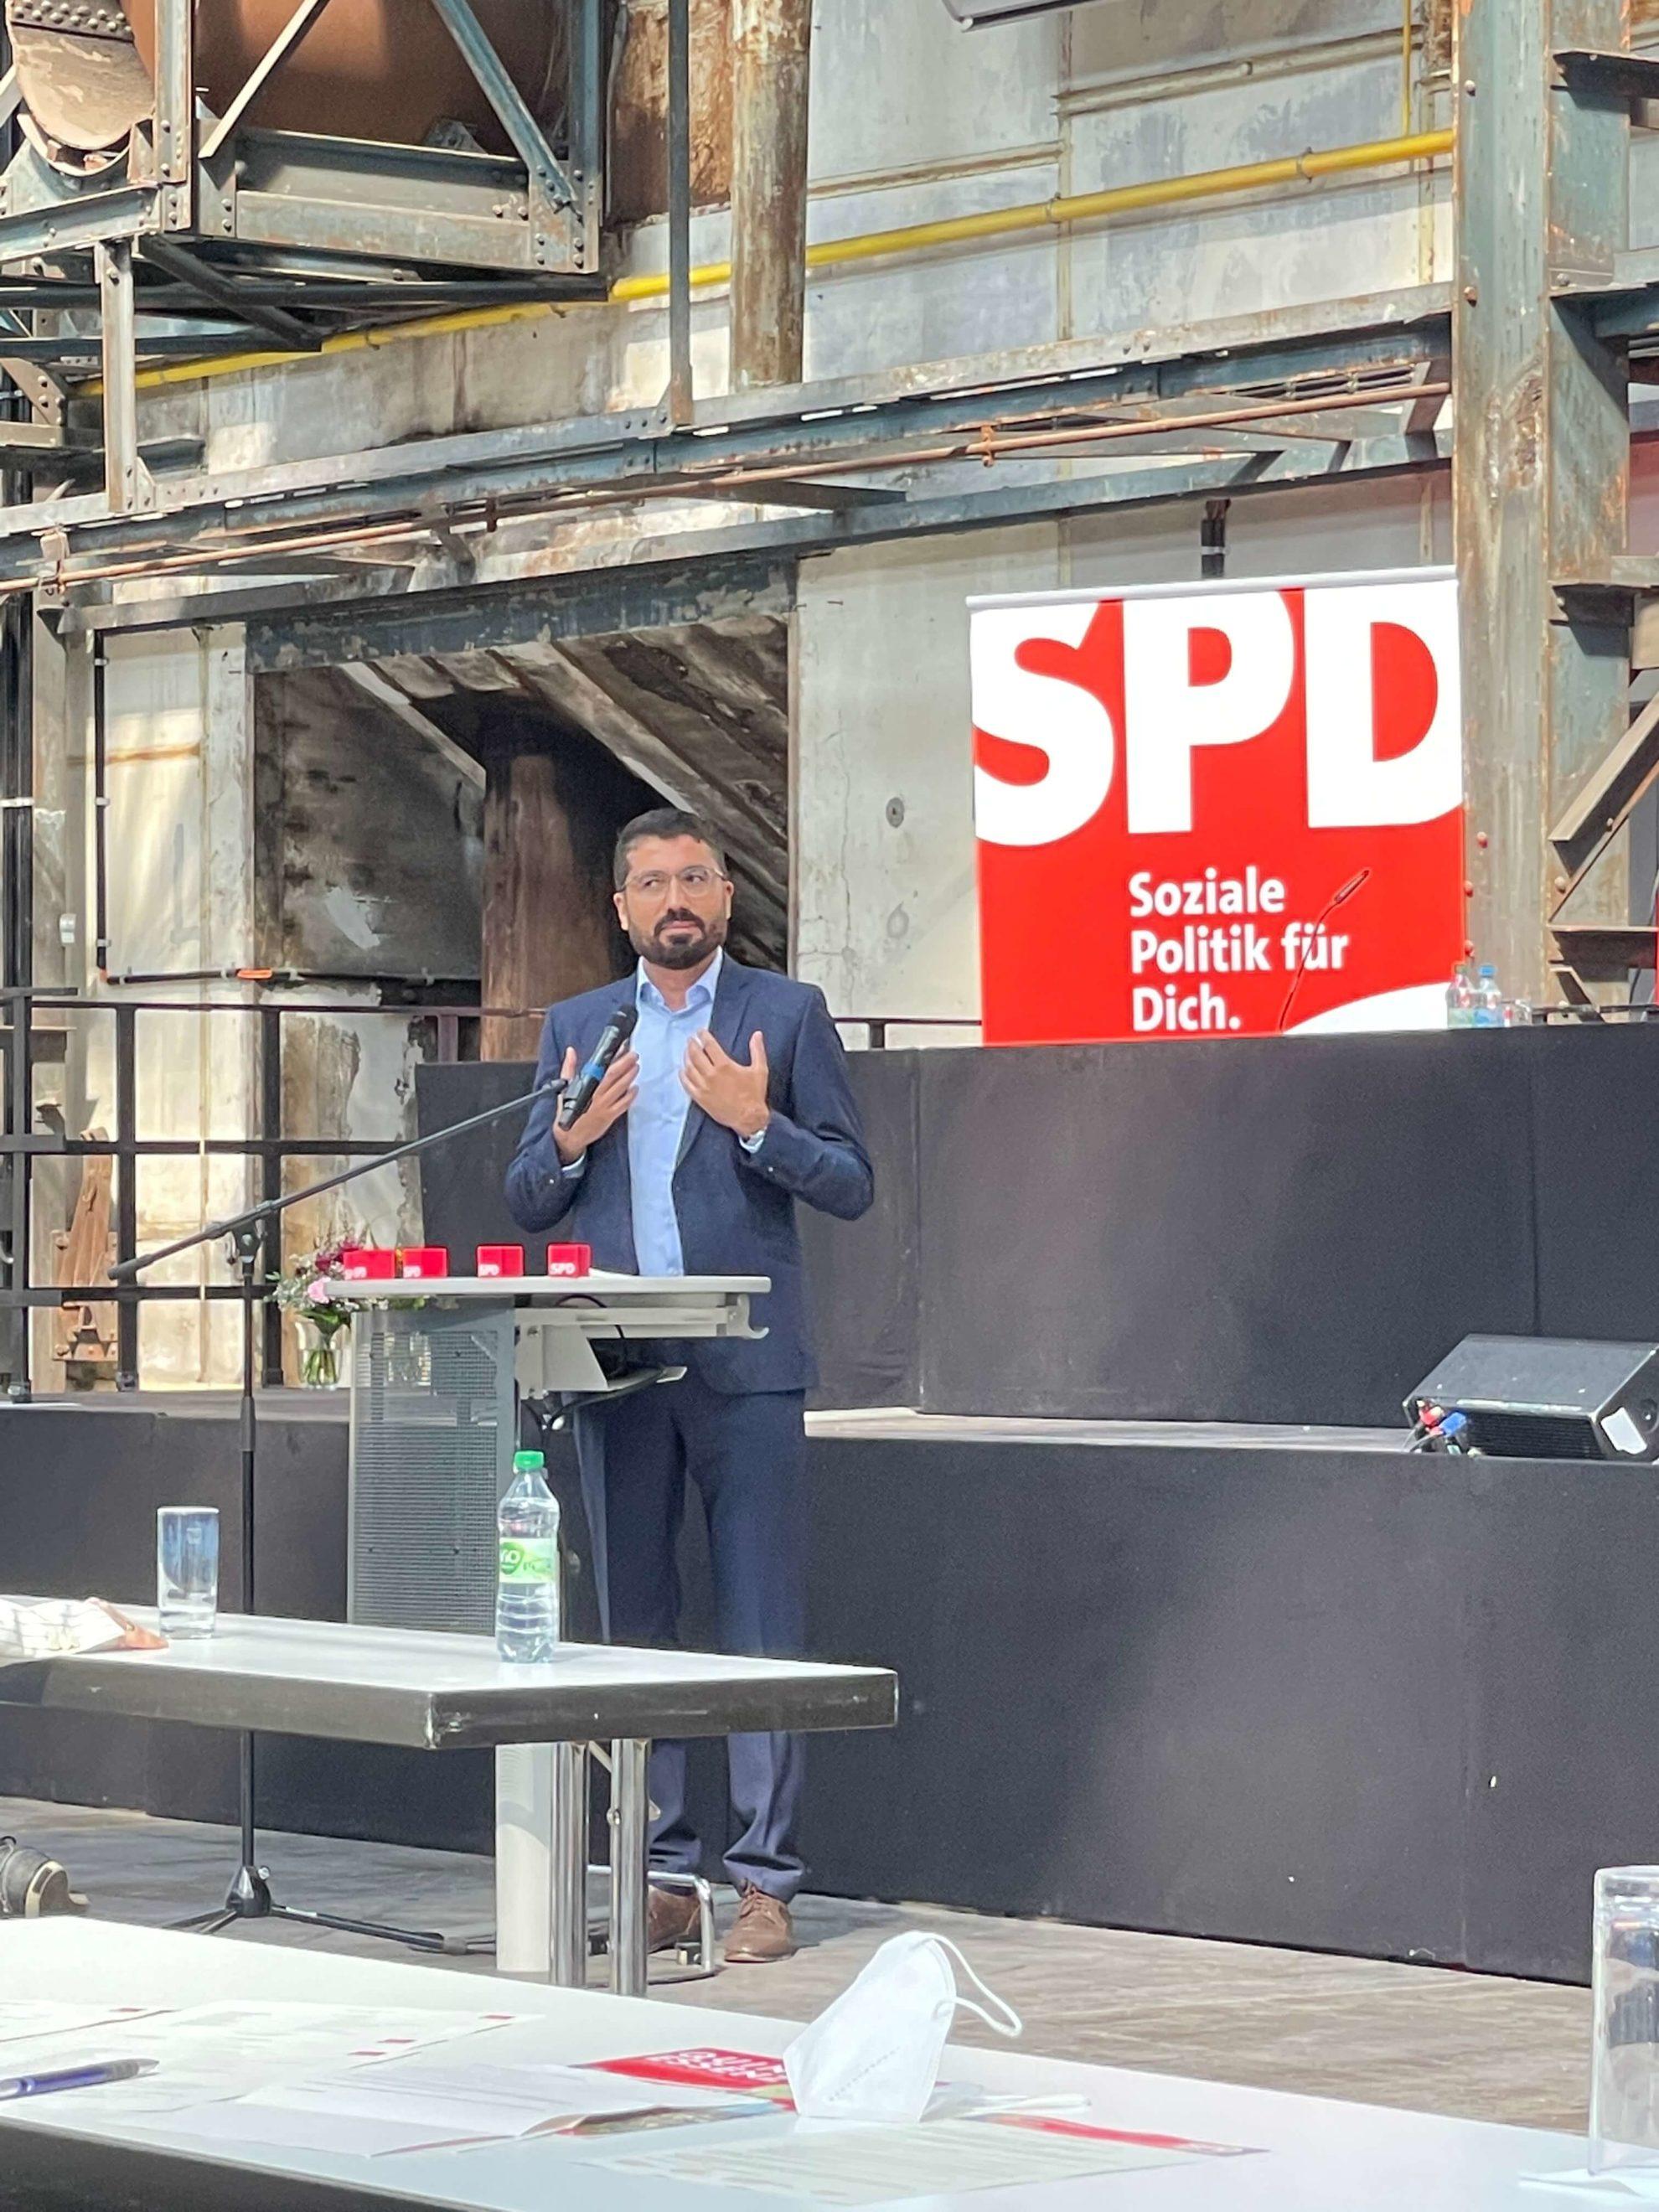 Serdar Yüksel beim Parteitag der SPD Bochum am 26. Juni 2021